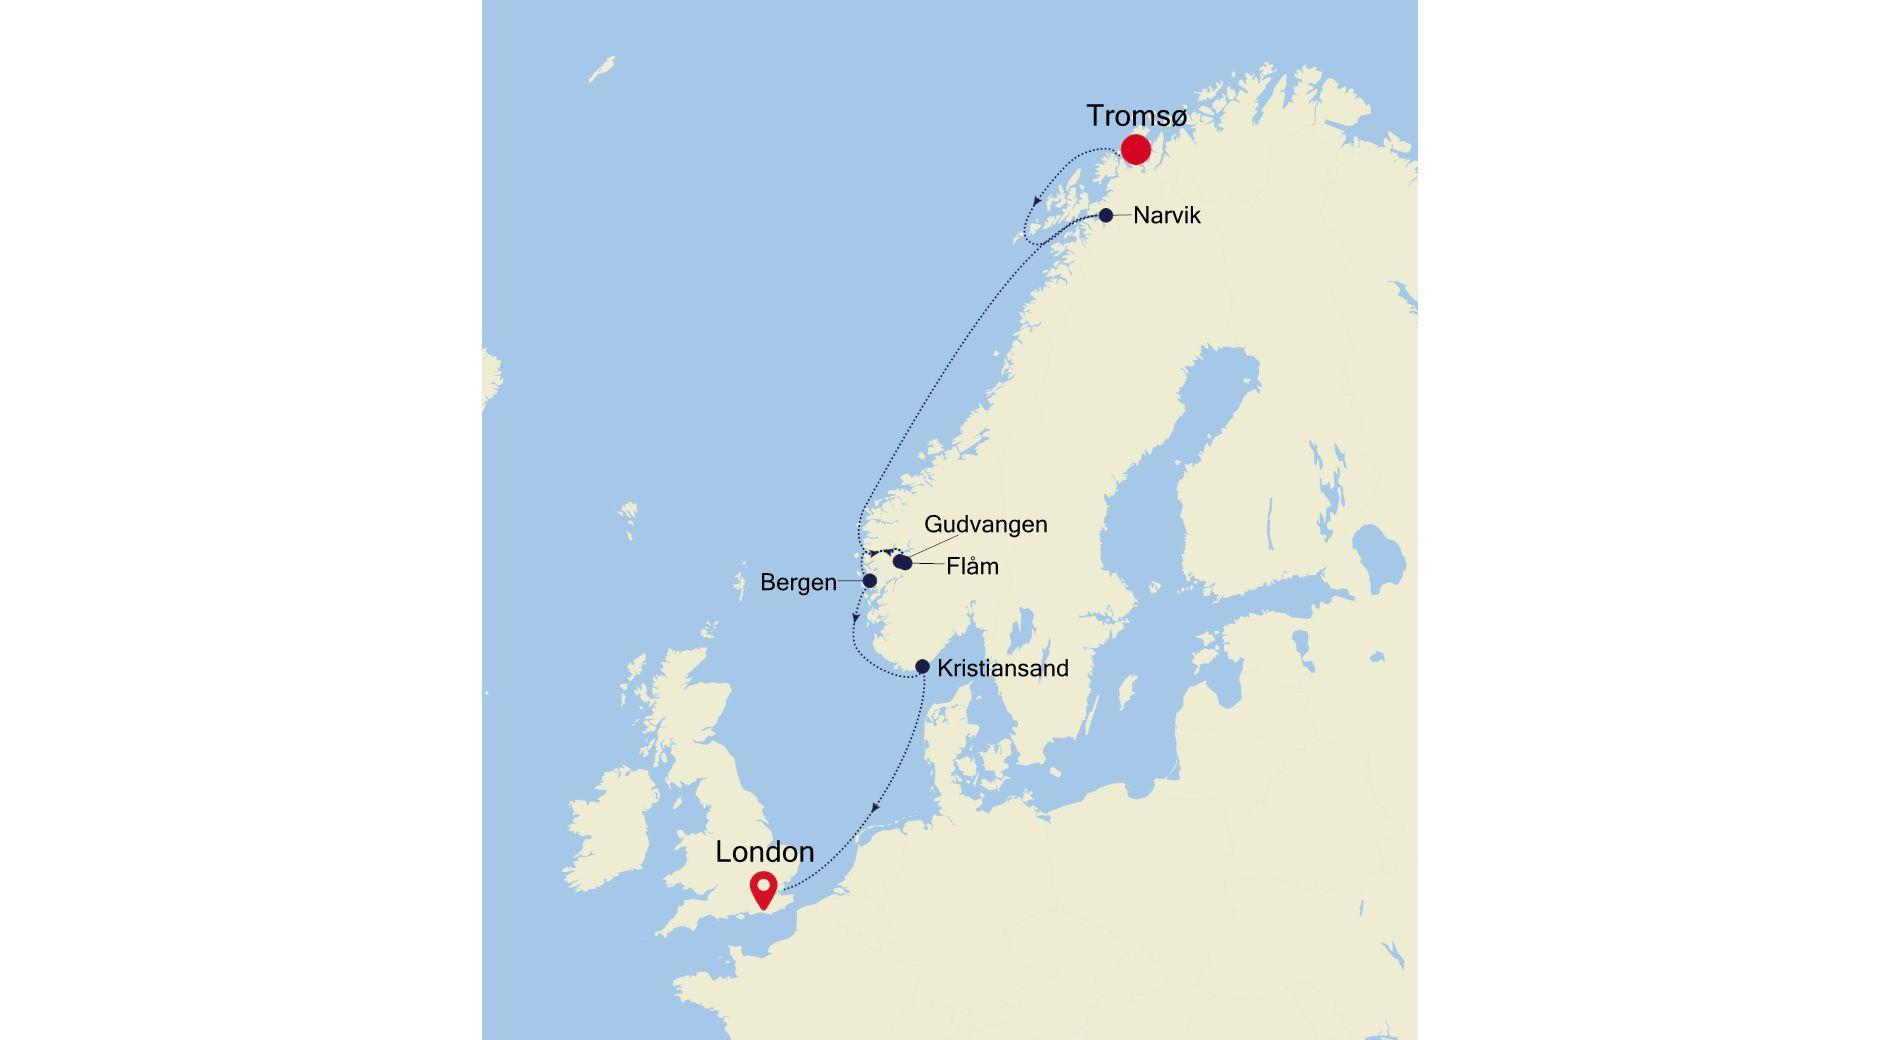 WH200626S07 - Tromsø a London